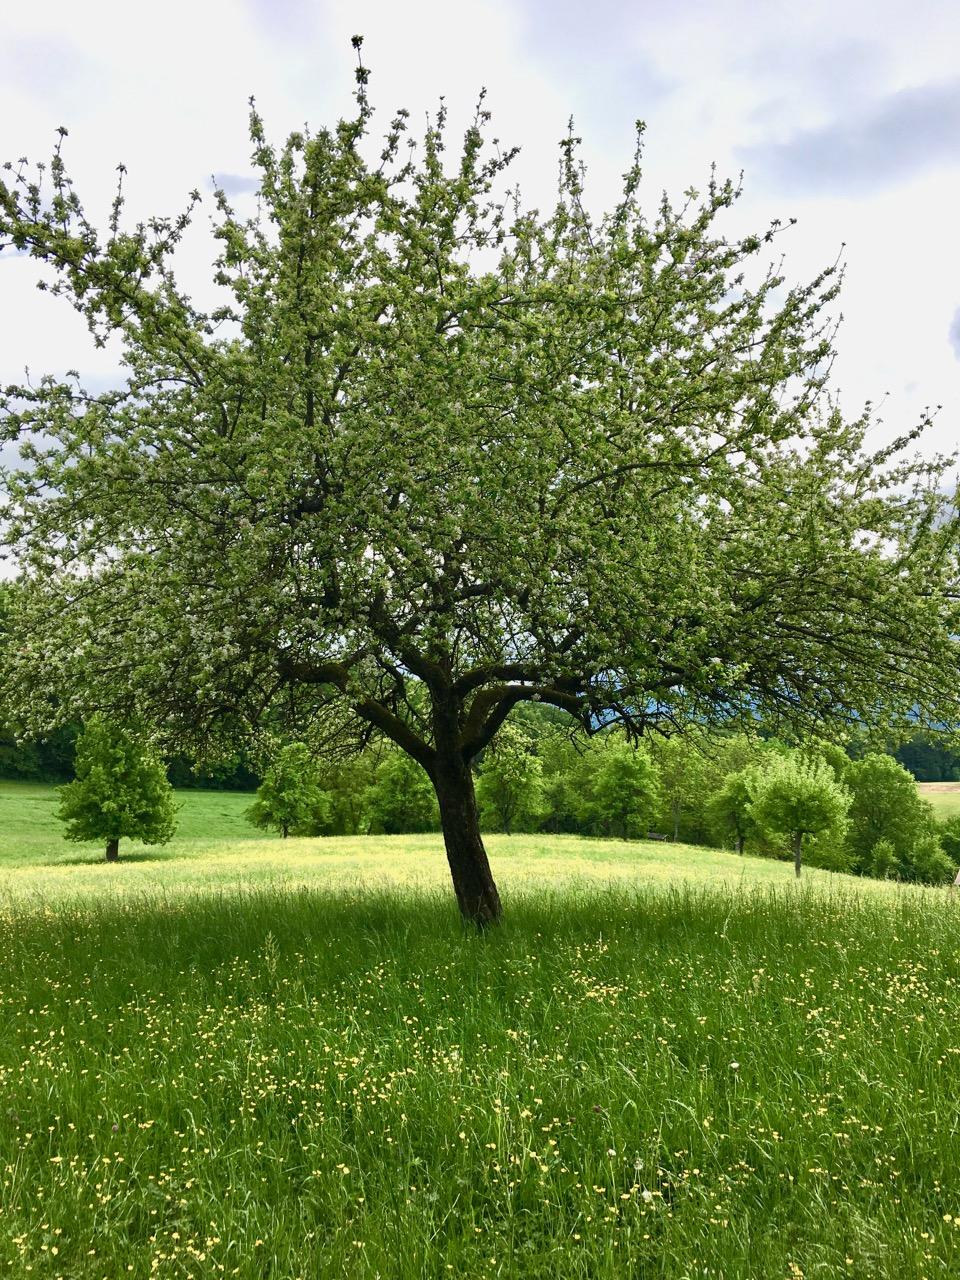 Wanderung am 1. Mai mit frühlingshaftem Baum auf der Wiese